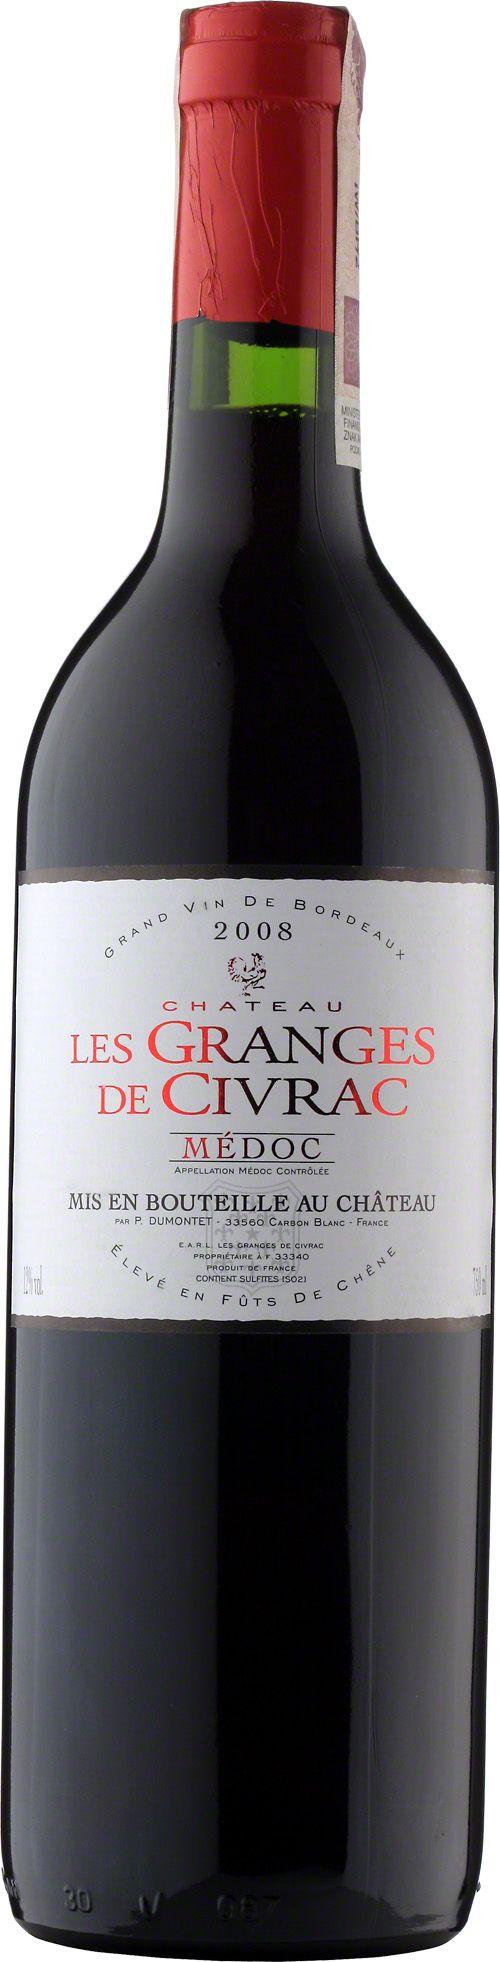 Chateau Les Granges de Civrac Medoc Dobrze zbudowane, ciemnorubinowe wino z aromatami czarnej porzeczki i czerwonych owoców. Przeiwjają się nuty korznenne i wyczuwalny aromat czekolady. Wino dobrze zbalansowane.  #Bordeaux #Wino #Winezja Chateau Les #Granges #Medoc